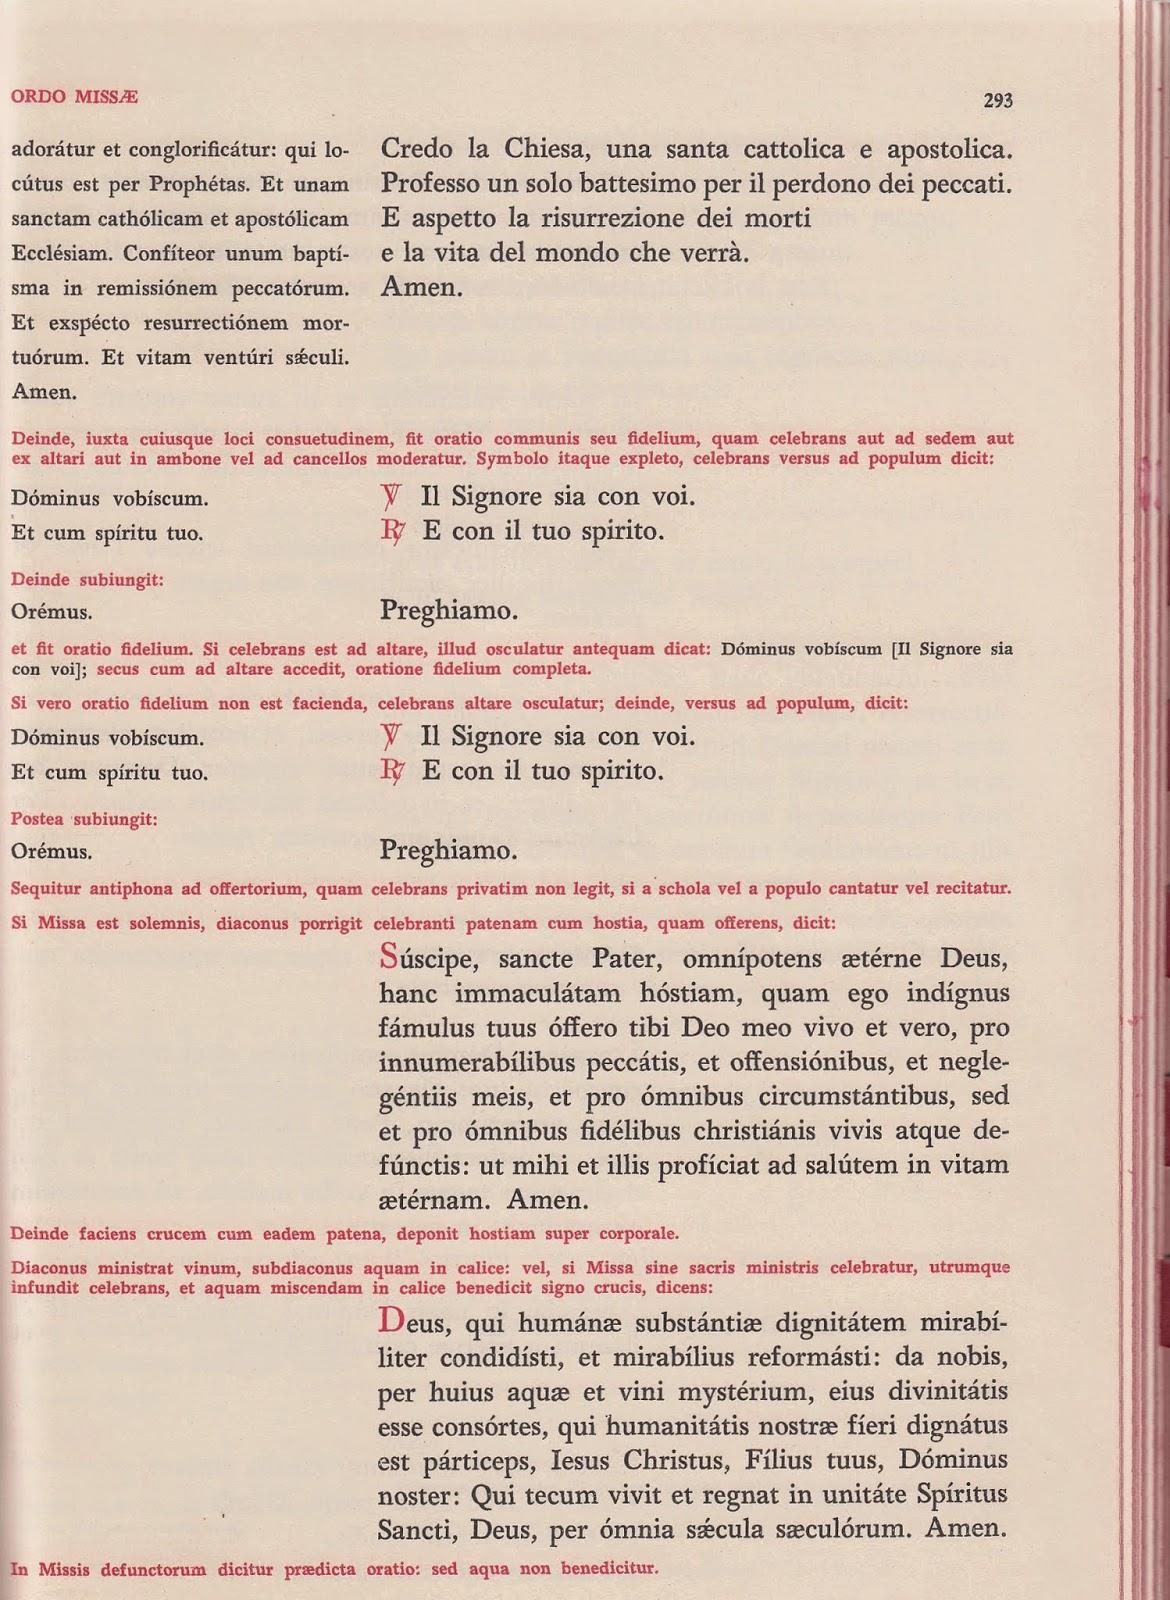 Matrimonio Romano Versione Latino : Acta apostaticae sedis come cambiando un po qua e